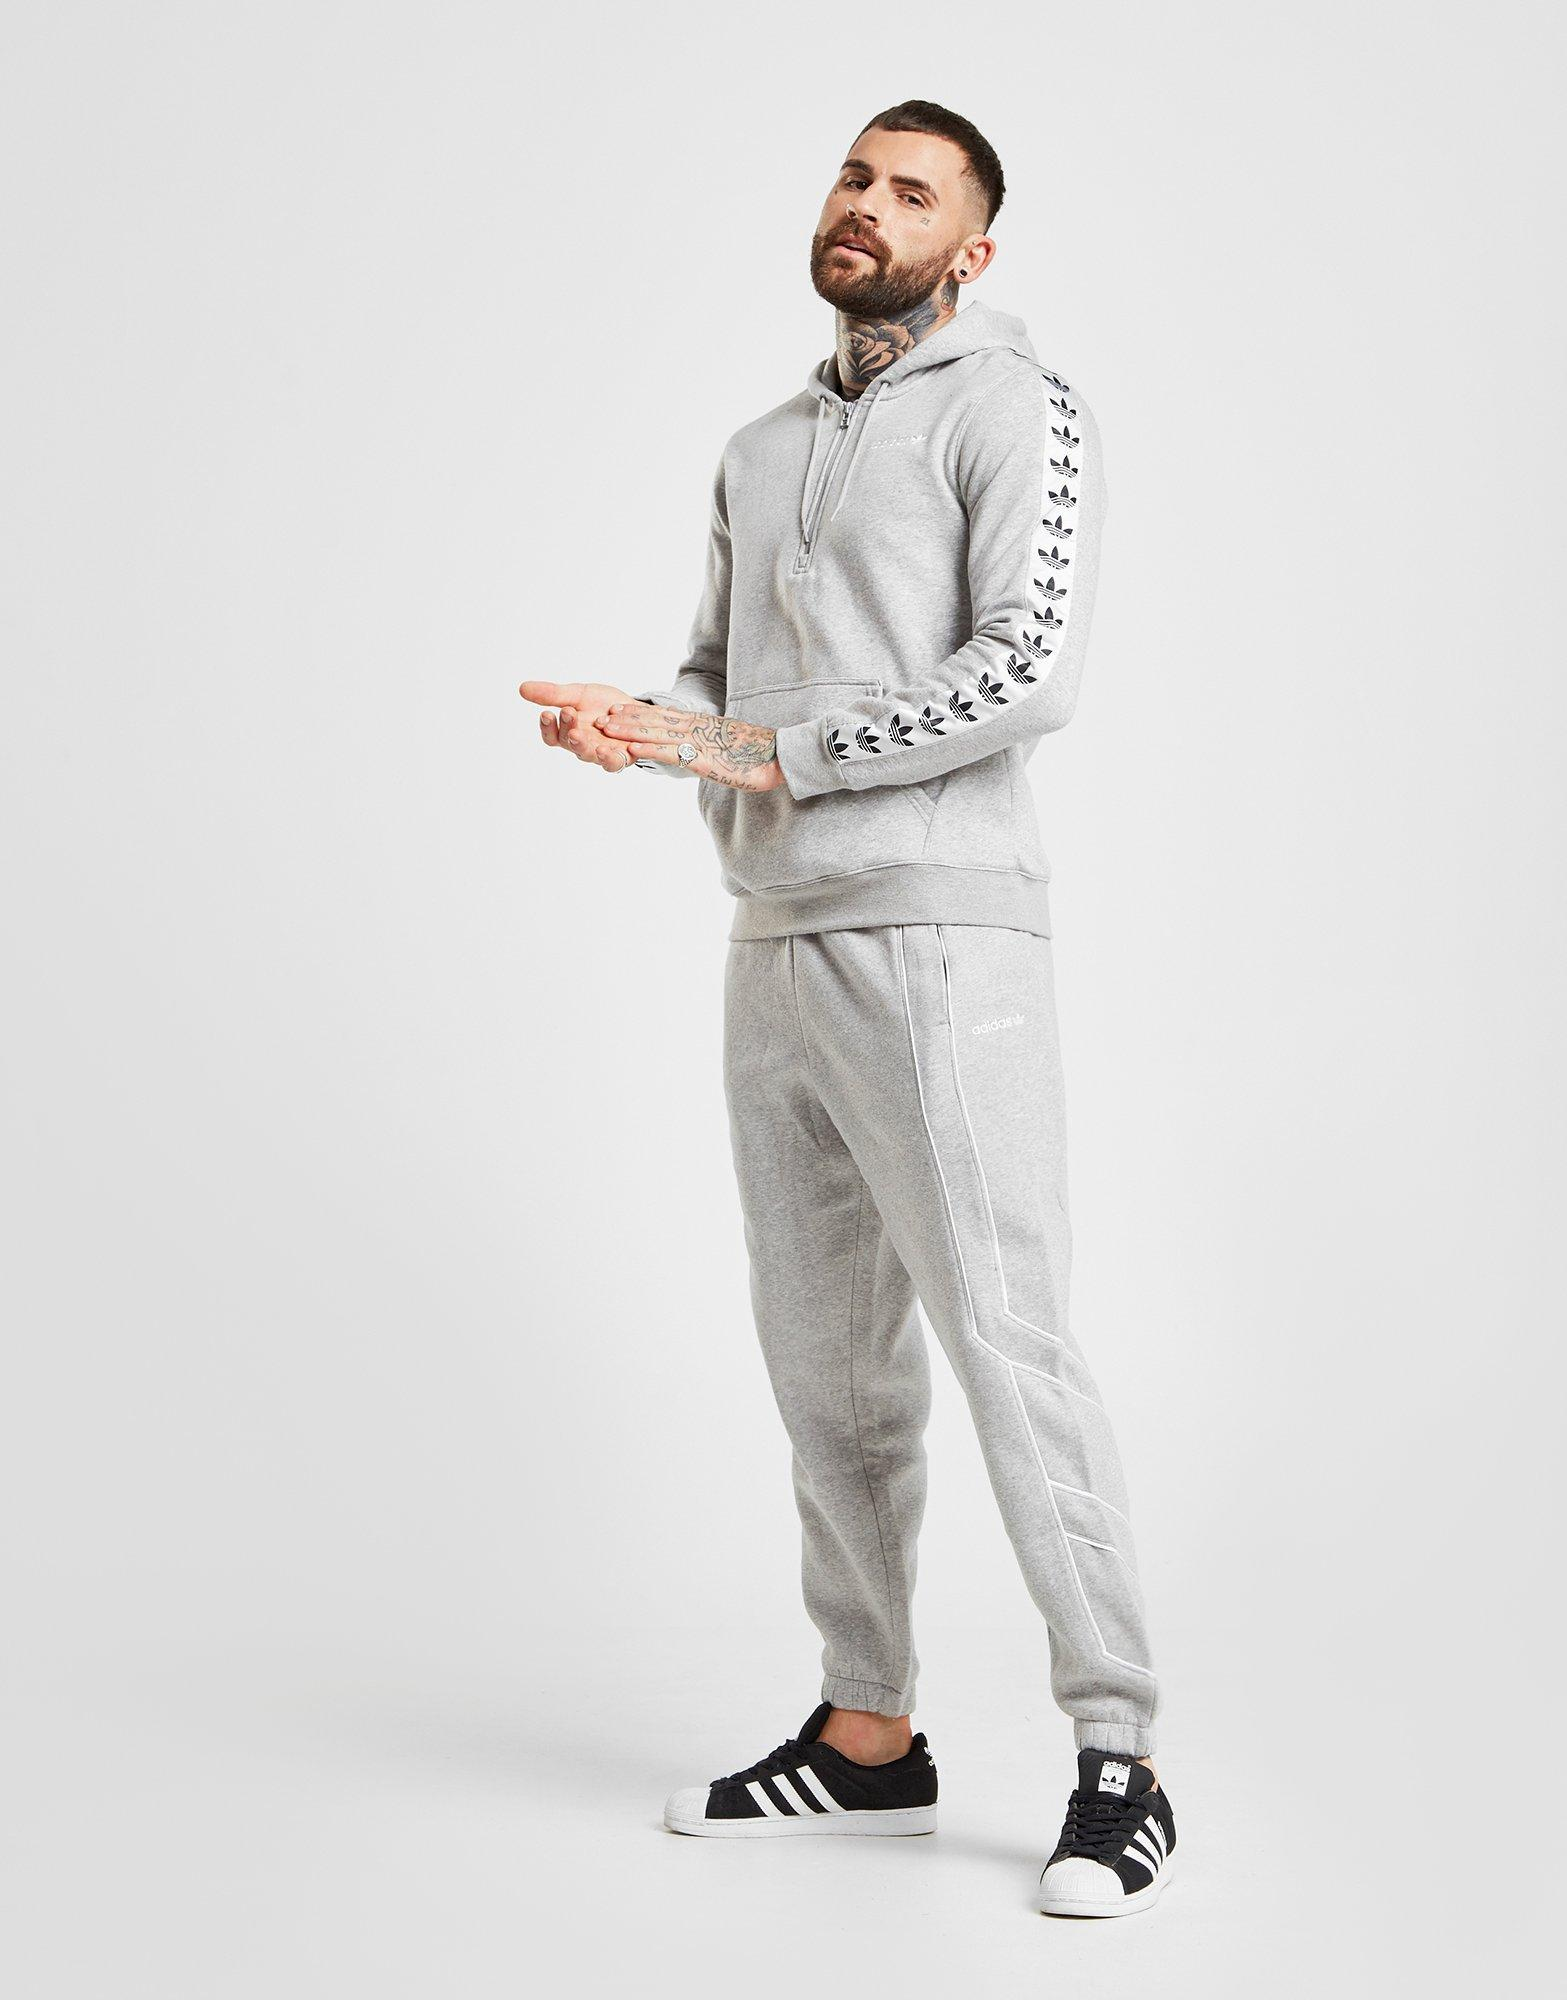 adidas 1/2 zip shirt fleece unisex